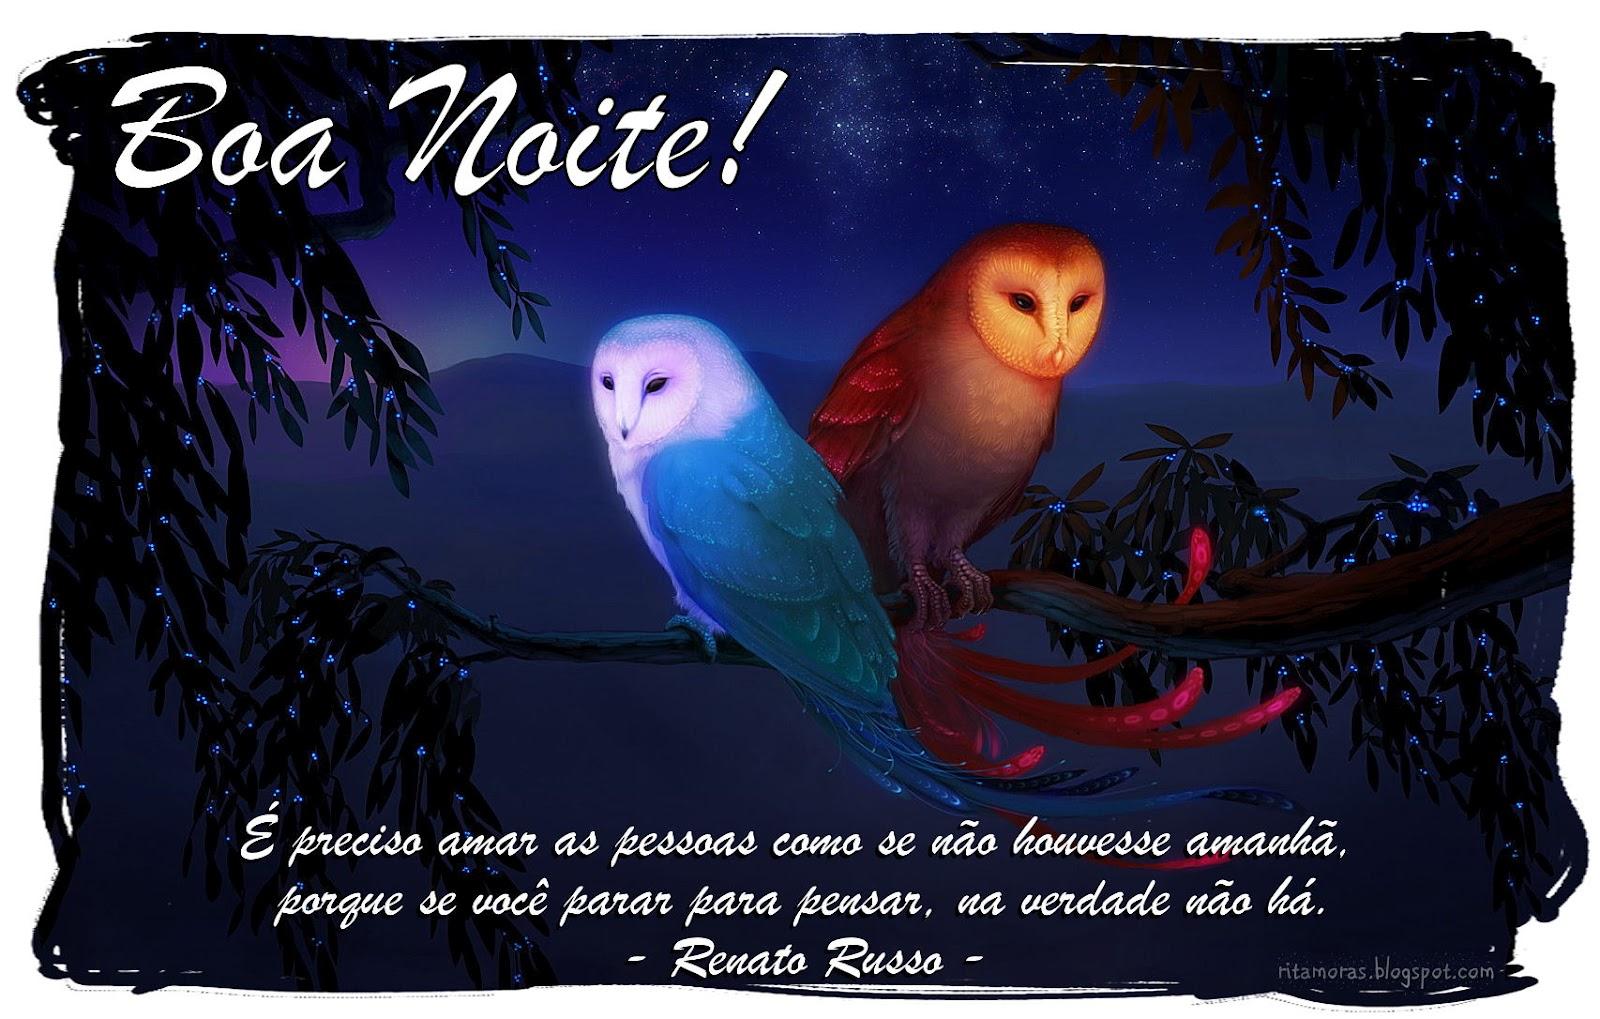 Frases De Boa Noite: Frases De Boa Noite Para Facebook #3